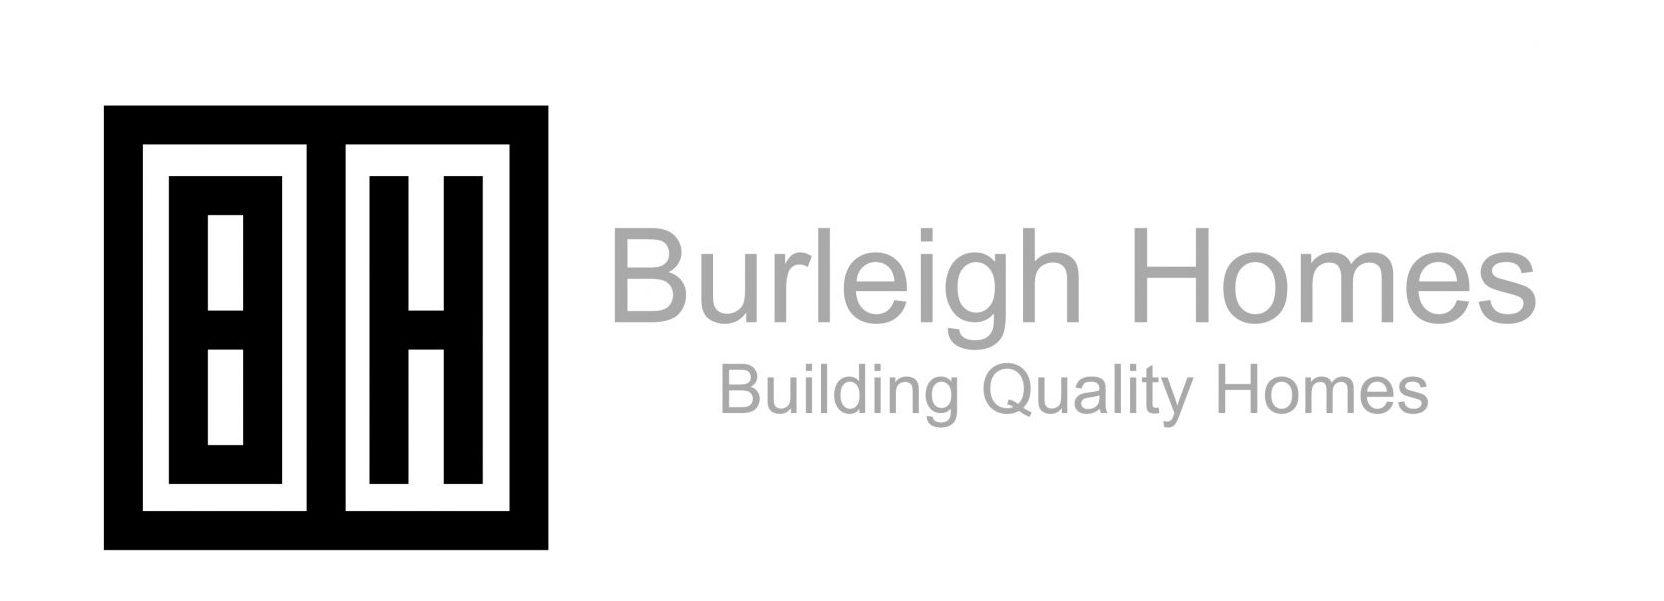 Burleigh Homes